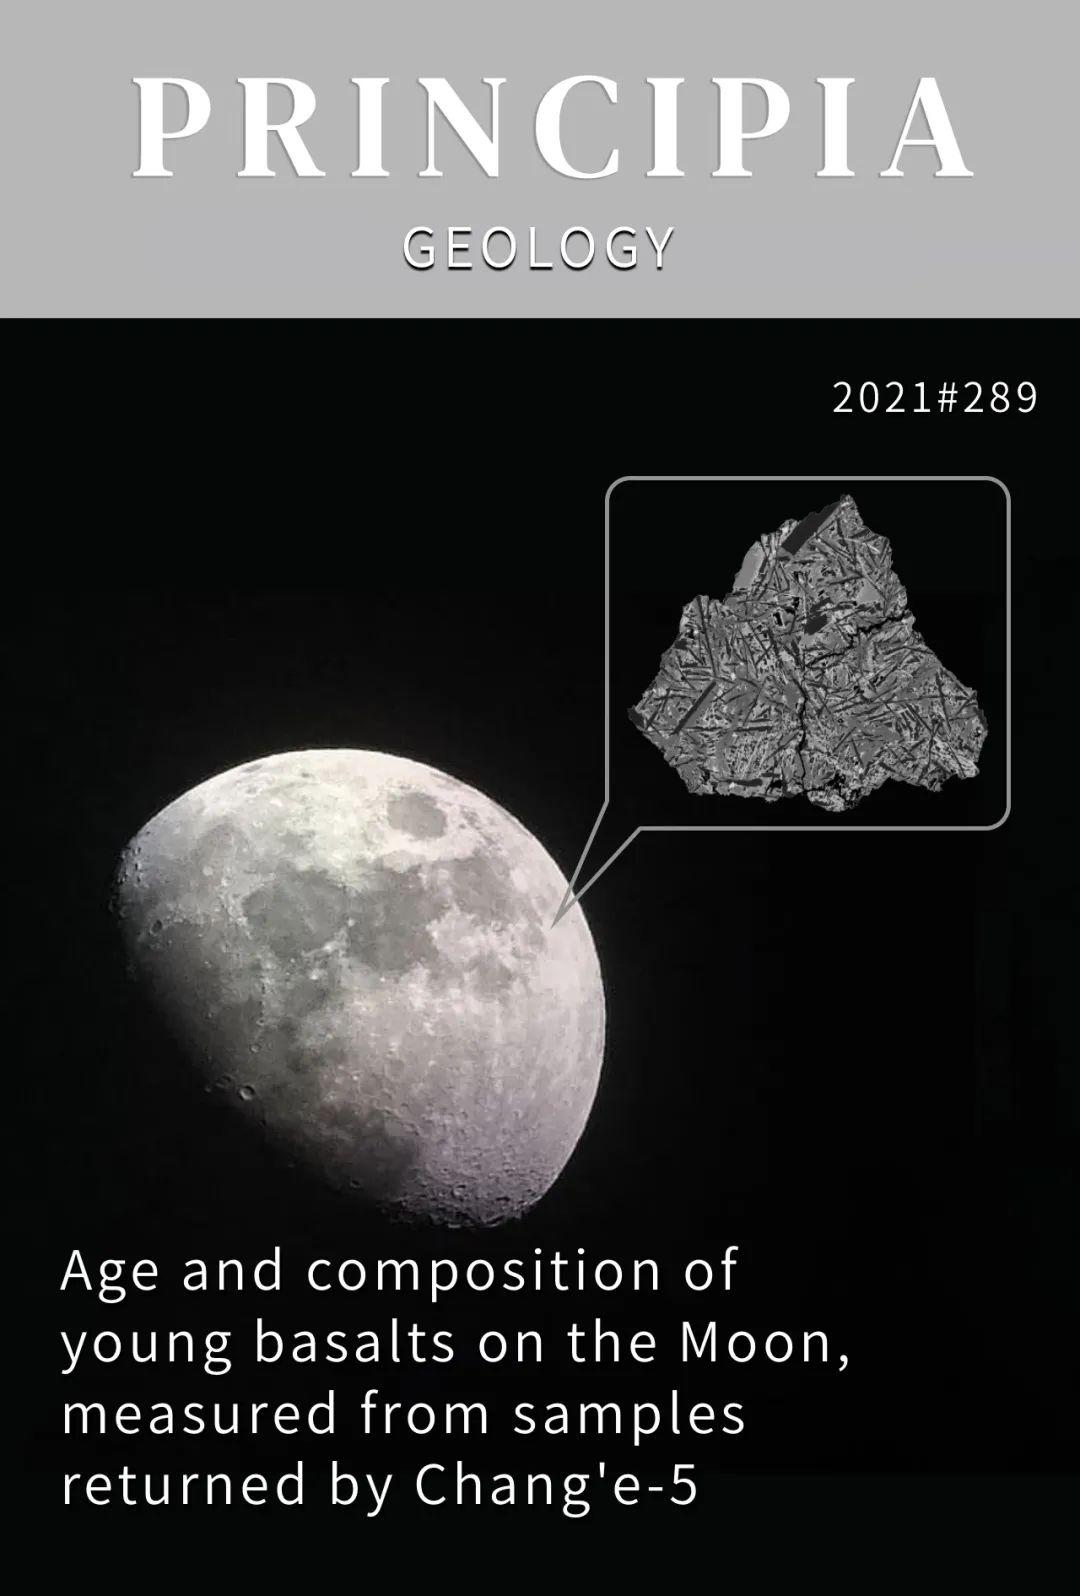 嫦娥五号带来的发现和困惑